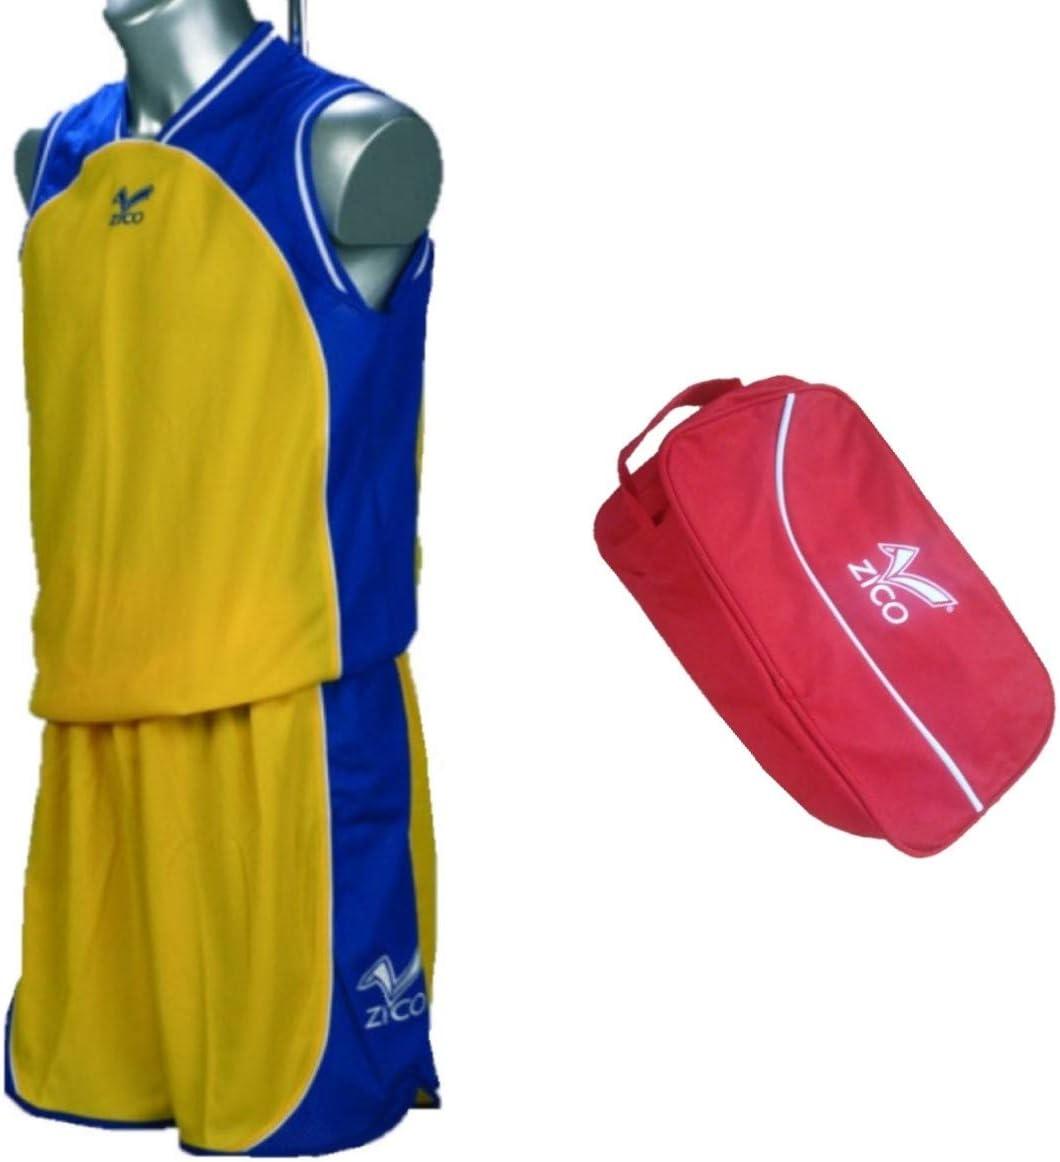 ZICO ESPAÑA Conjunto Baloncesto Amarillo-Azu.l Equipación Camiseta -Pantalón++ZAPATILLERO. Talla-6 Infantil: Amazon.es: Deportes y aire libre